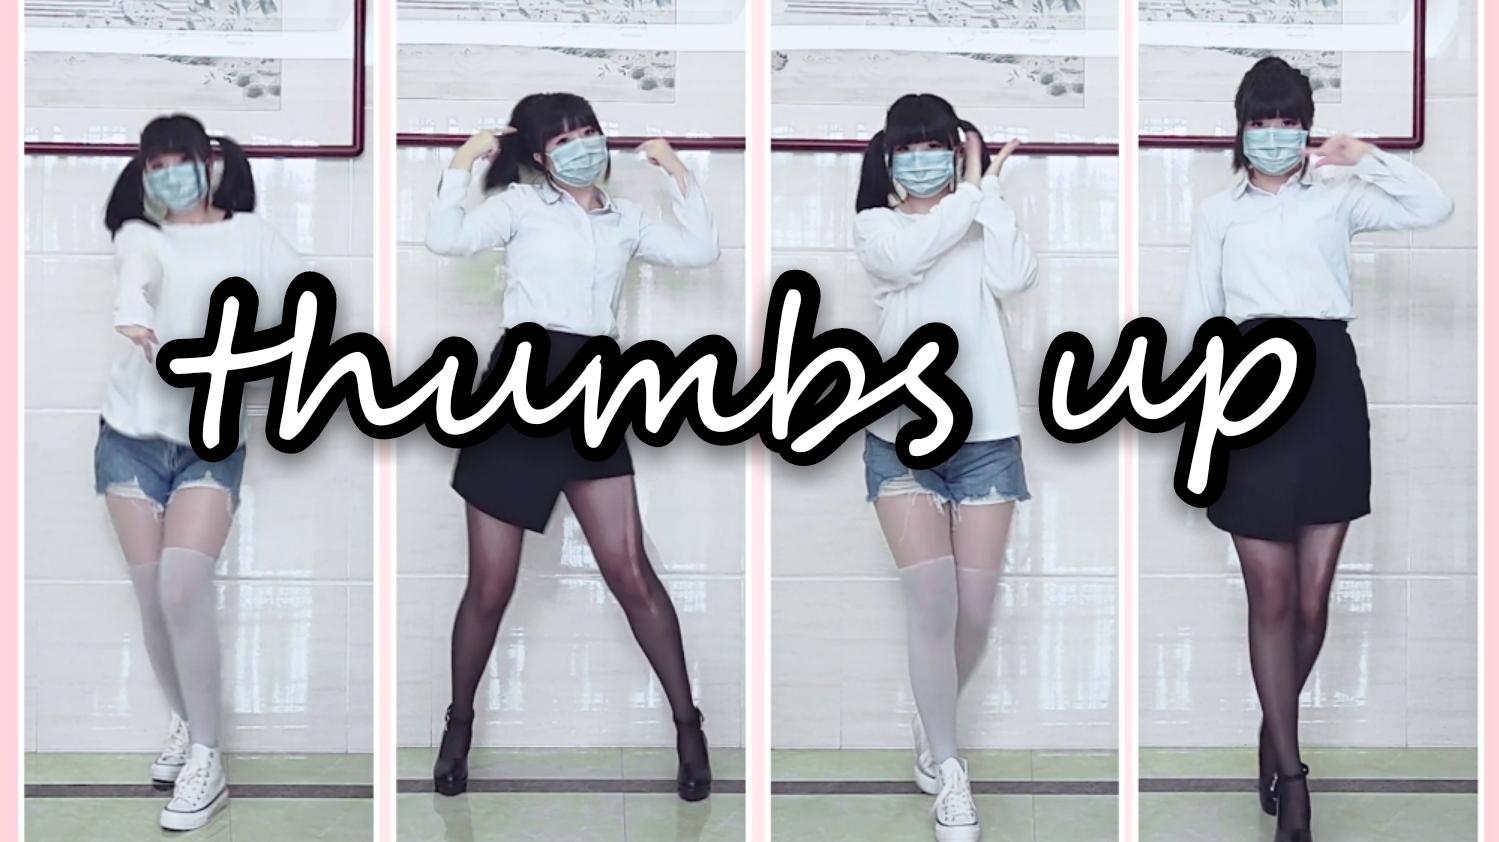 【湘】thumbs up!肉感蹦迪